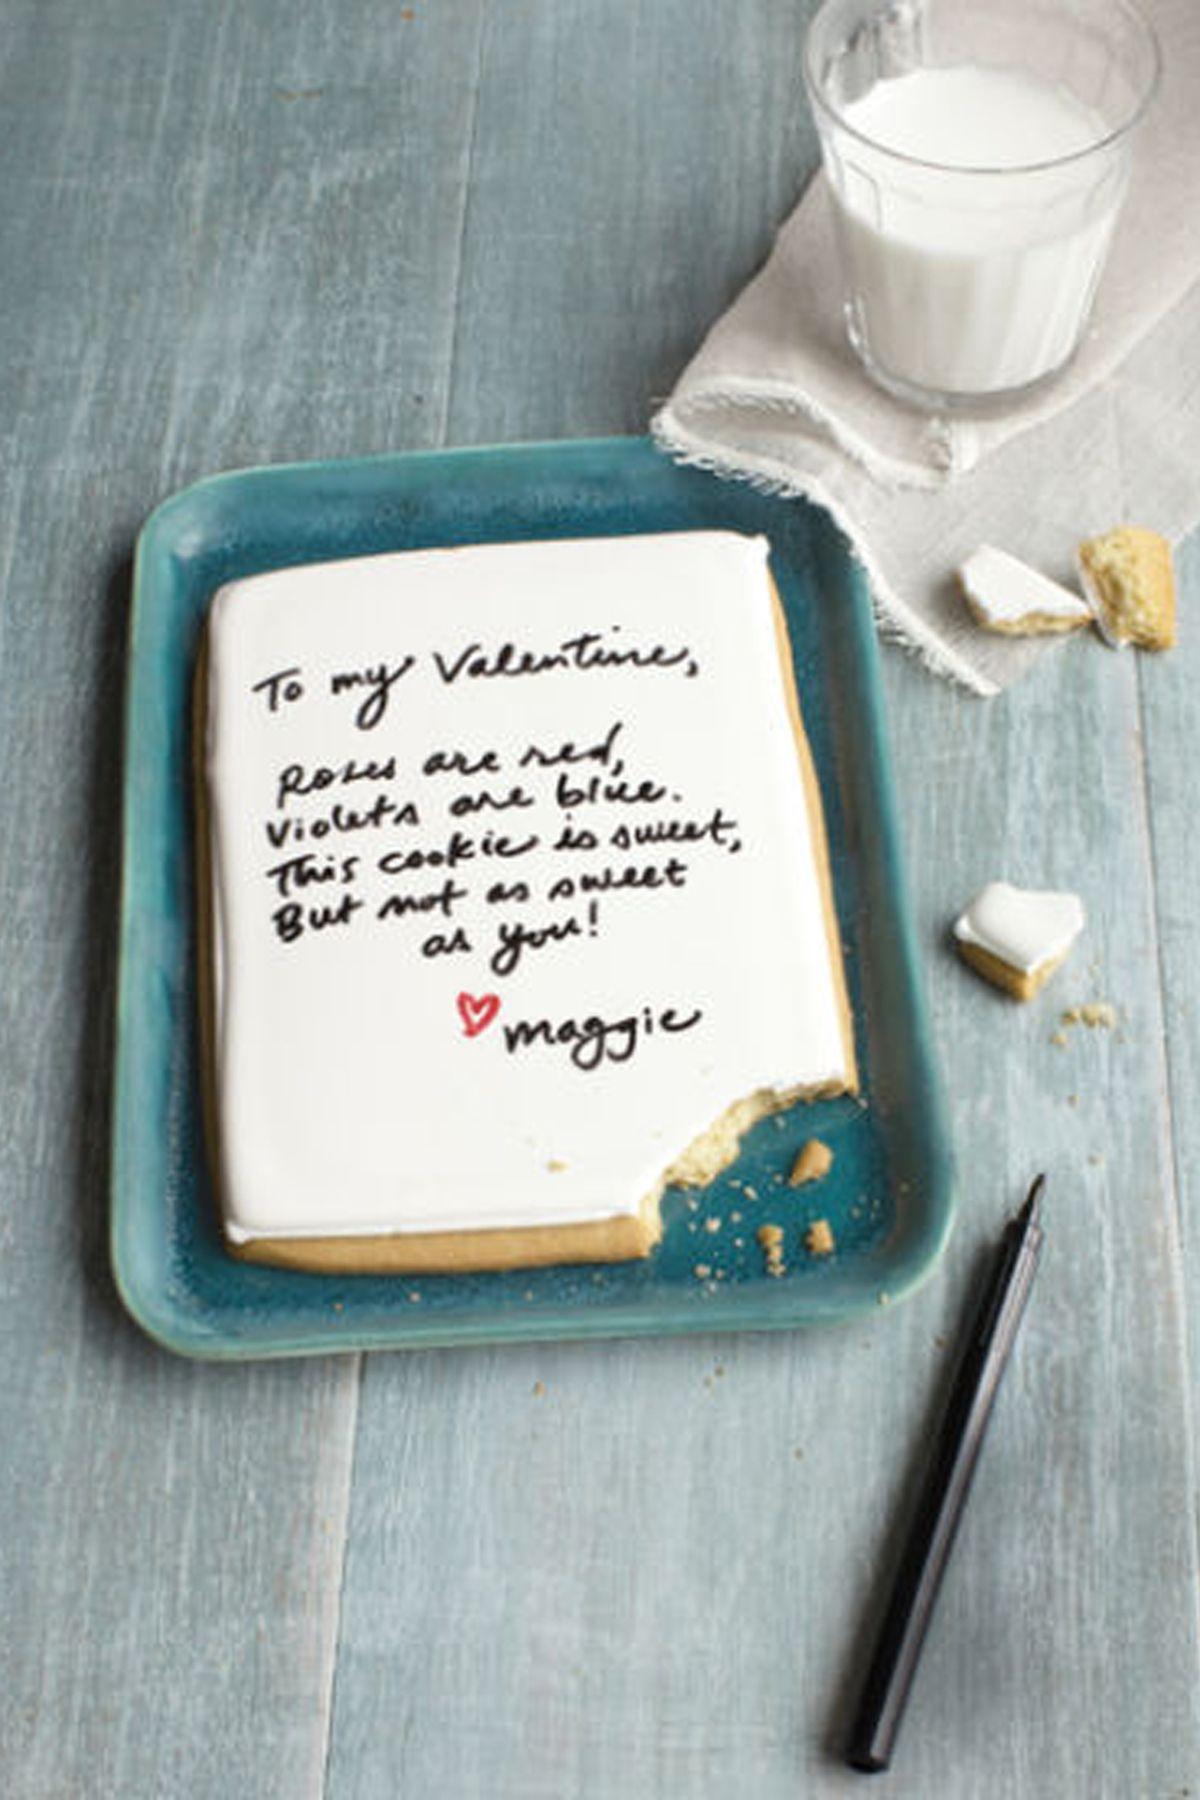 Déclarez votre amour à votre bien-aimé avec cette douce surprise.